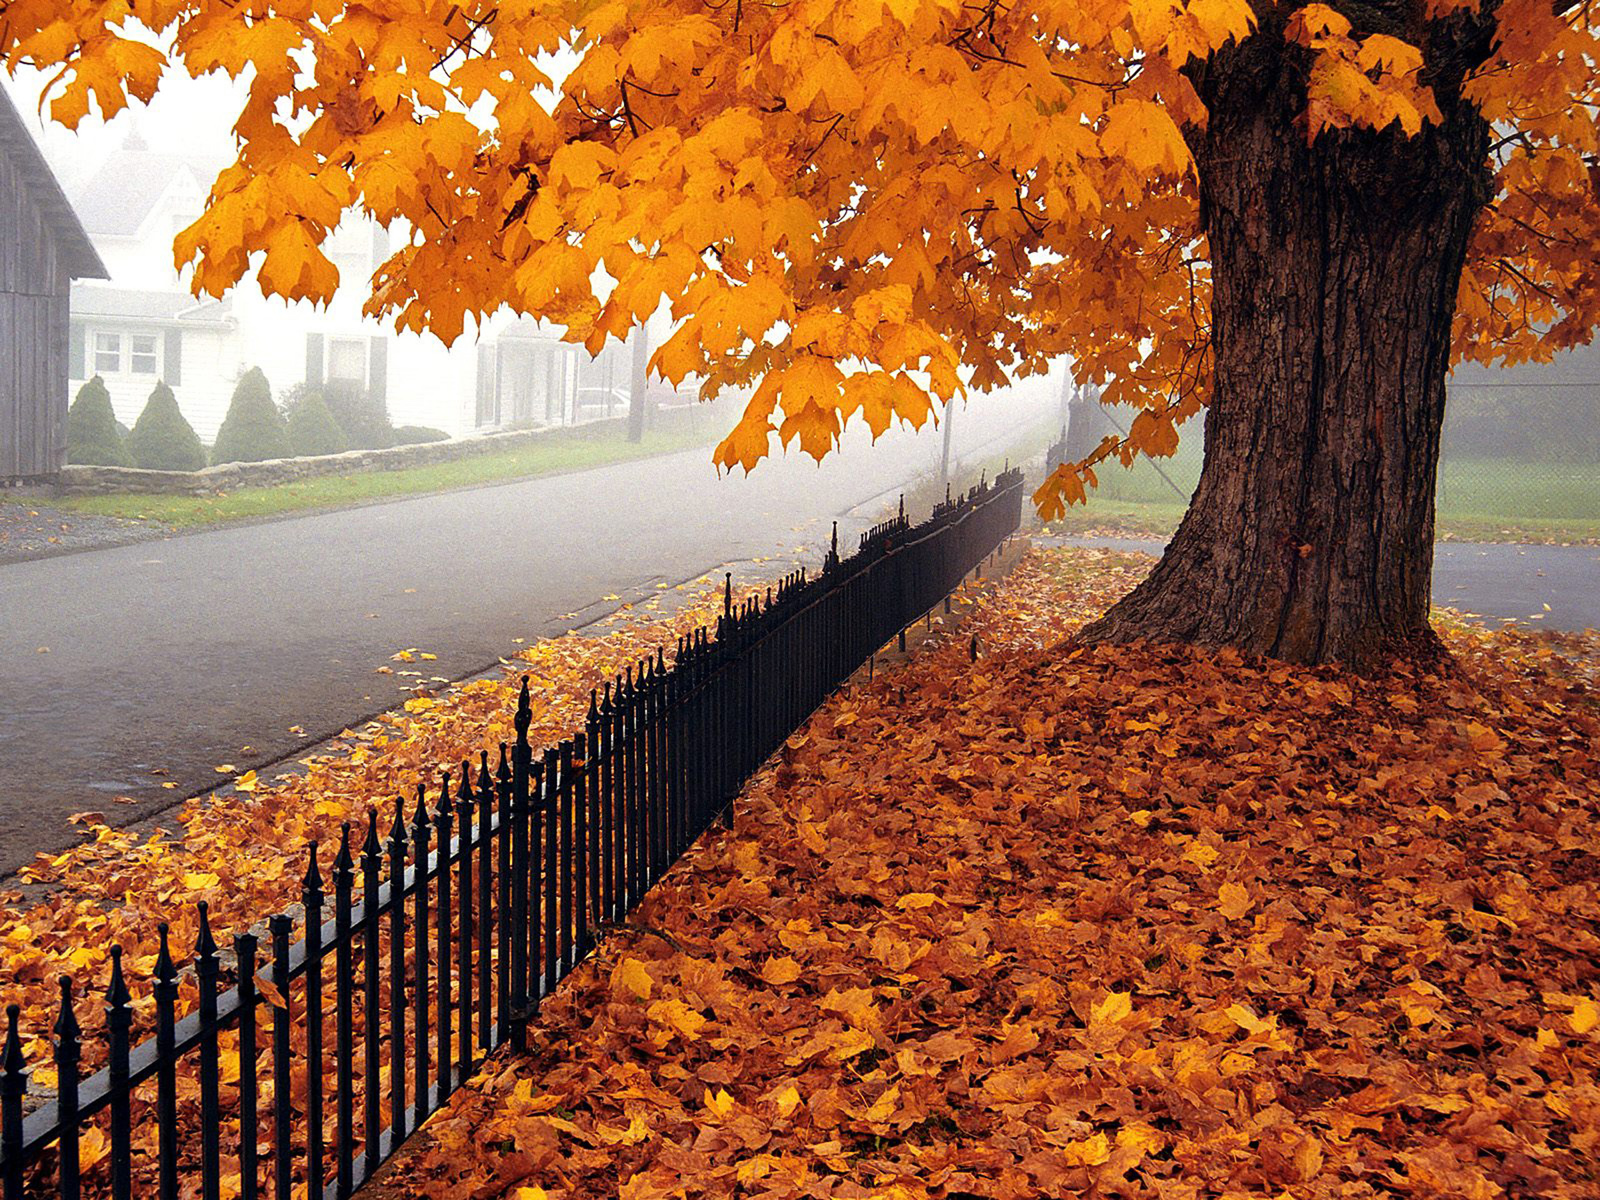 نتیجه تصویری برای تصاویر فصل پاییزی